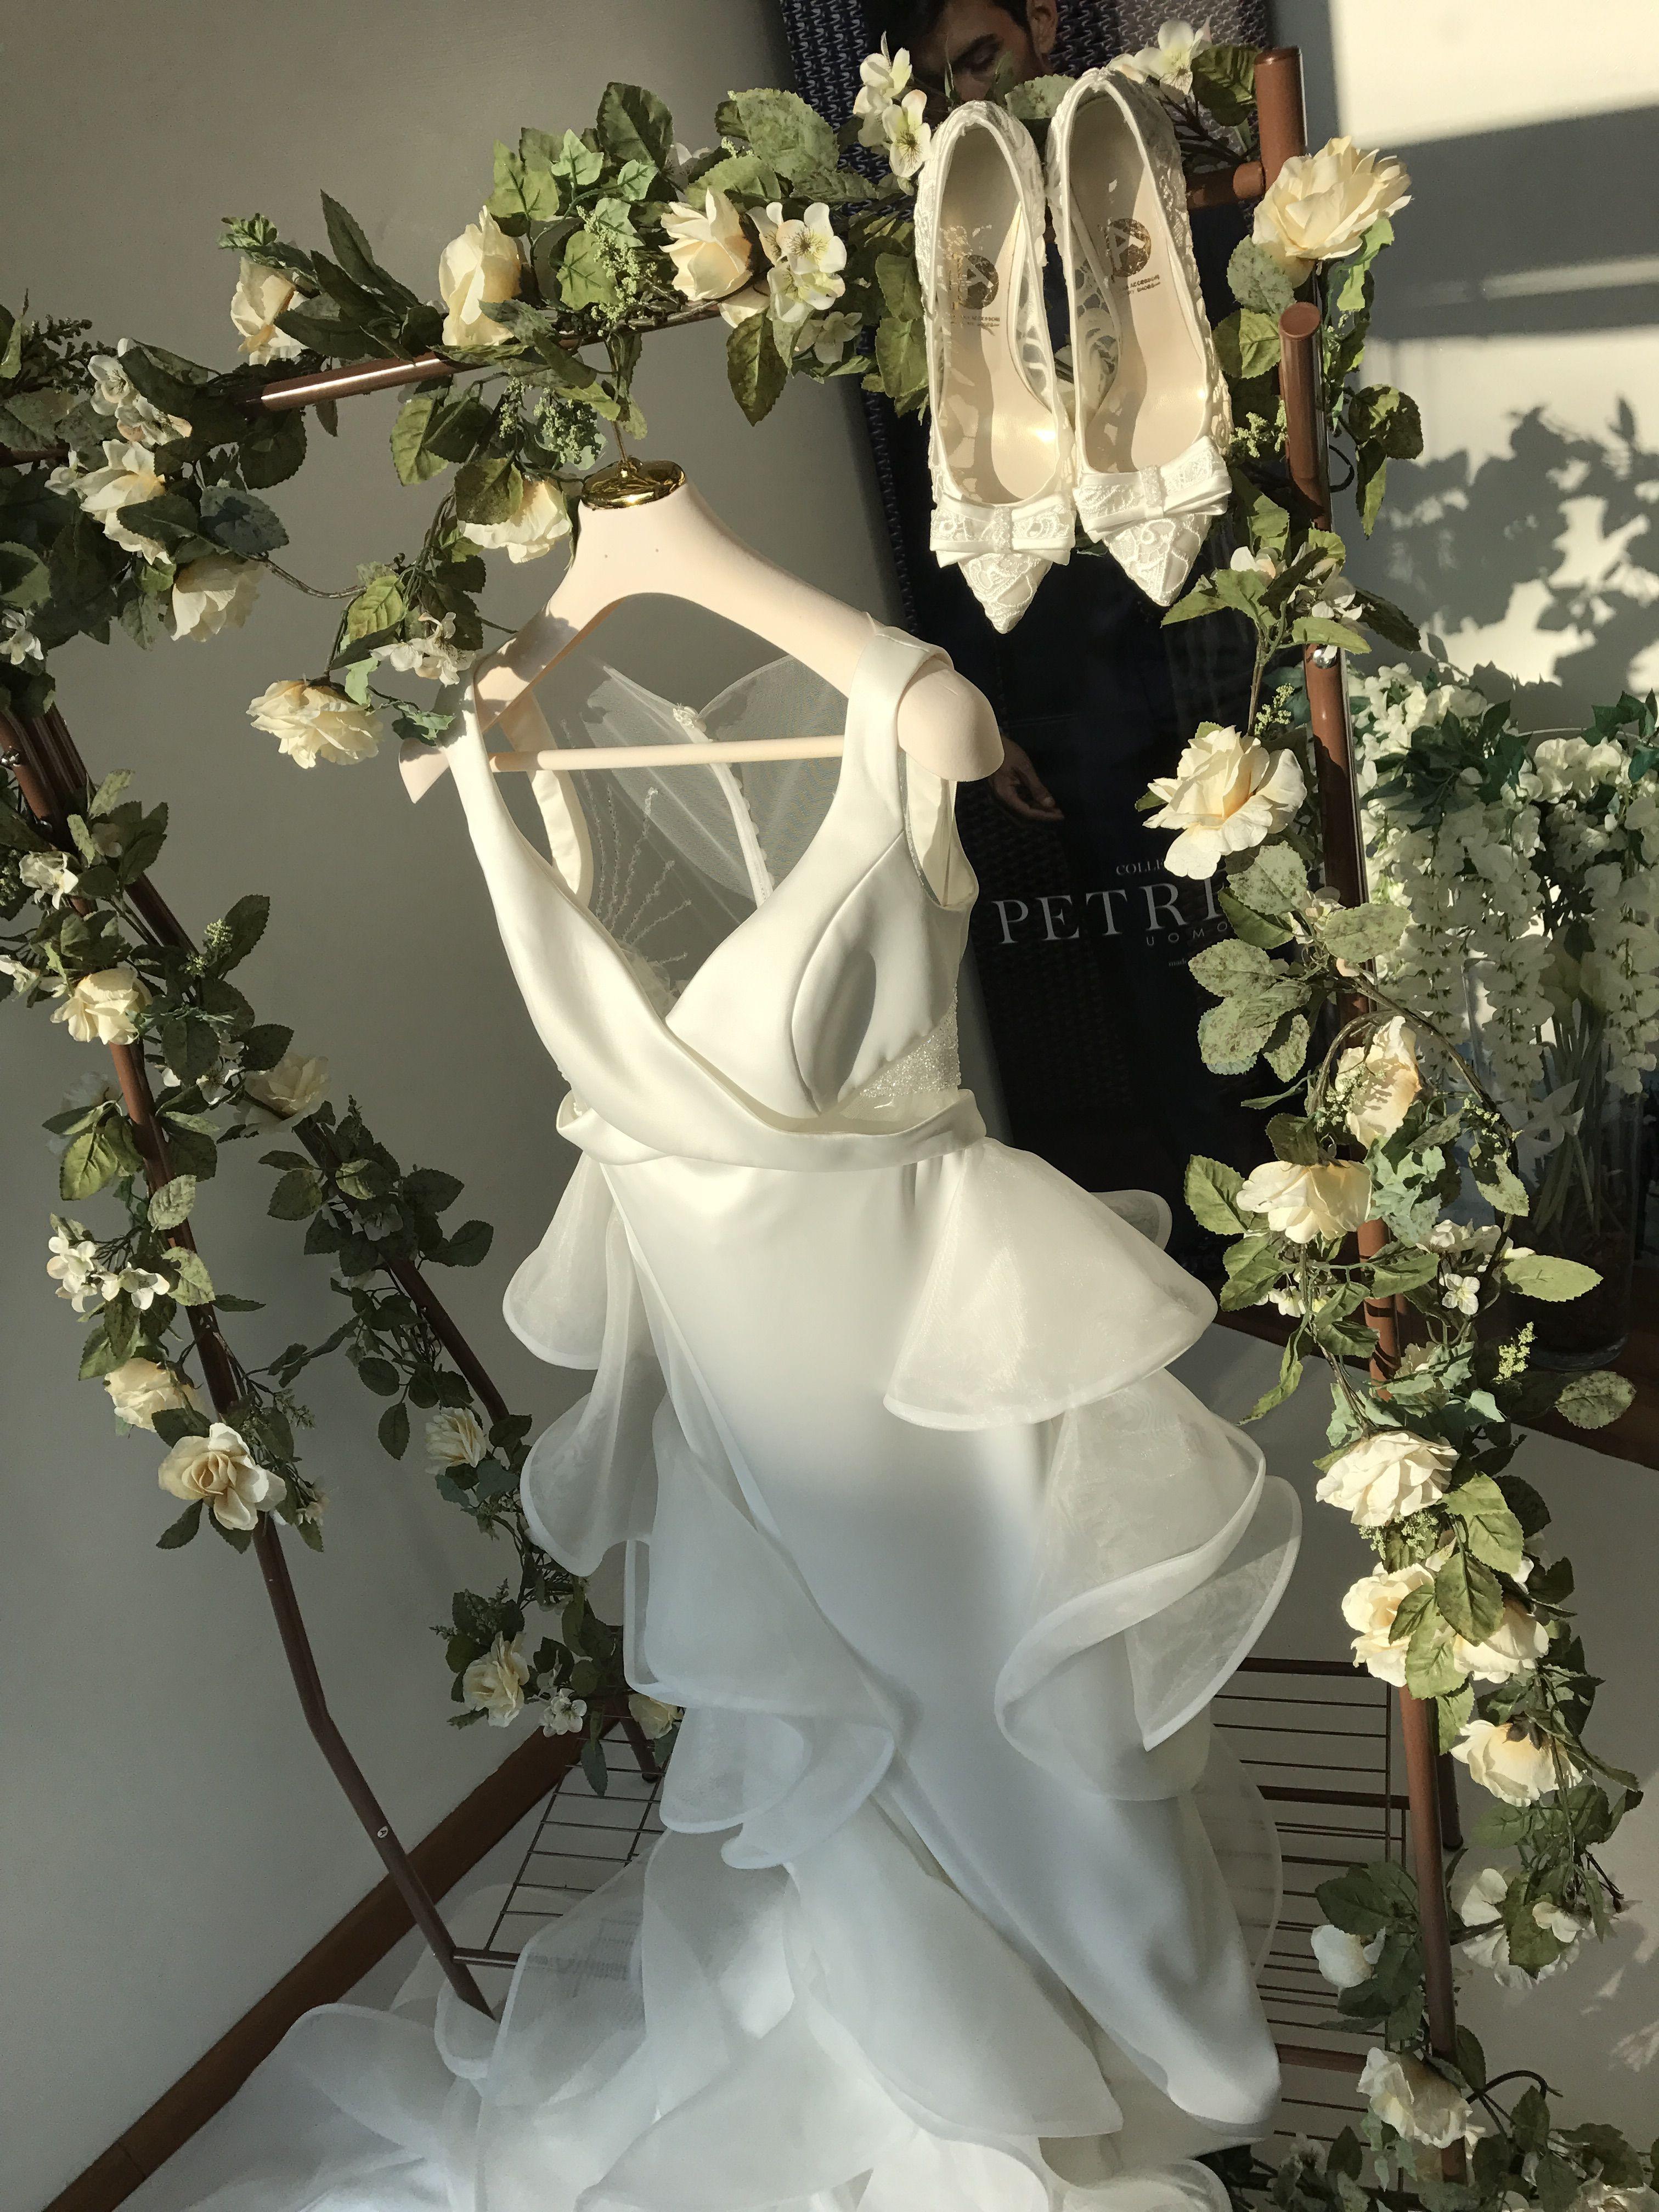 Vetrina Abiti Da Sposa Atelier L Eleganza In Bianco Scenografiediserena Solocosebelle Abiti Da Sposa Abiti Sposa